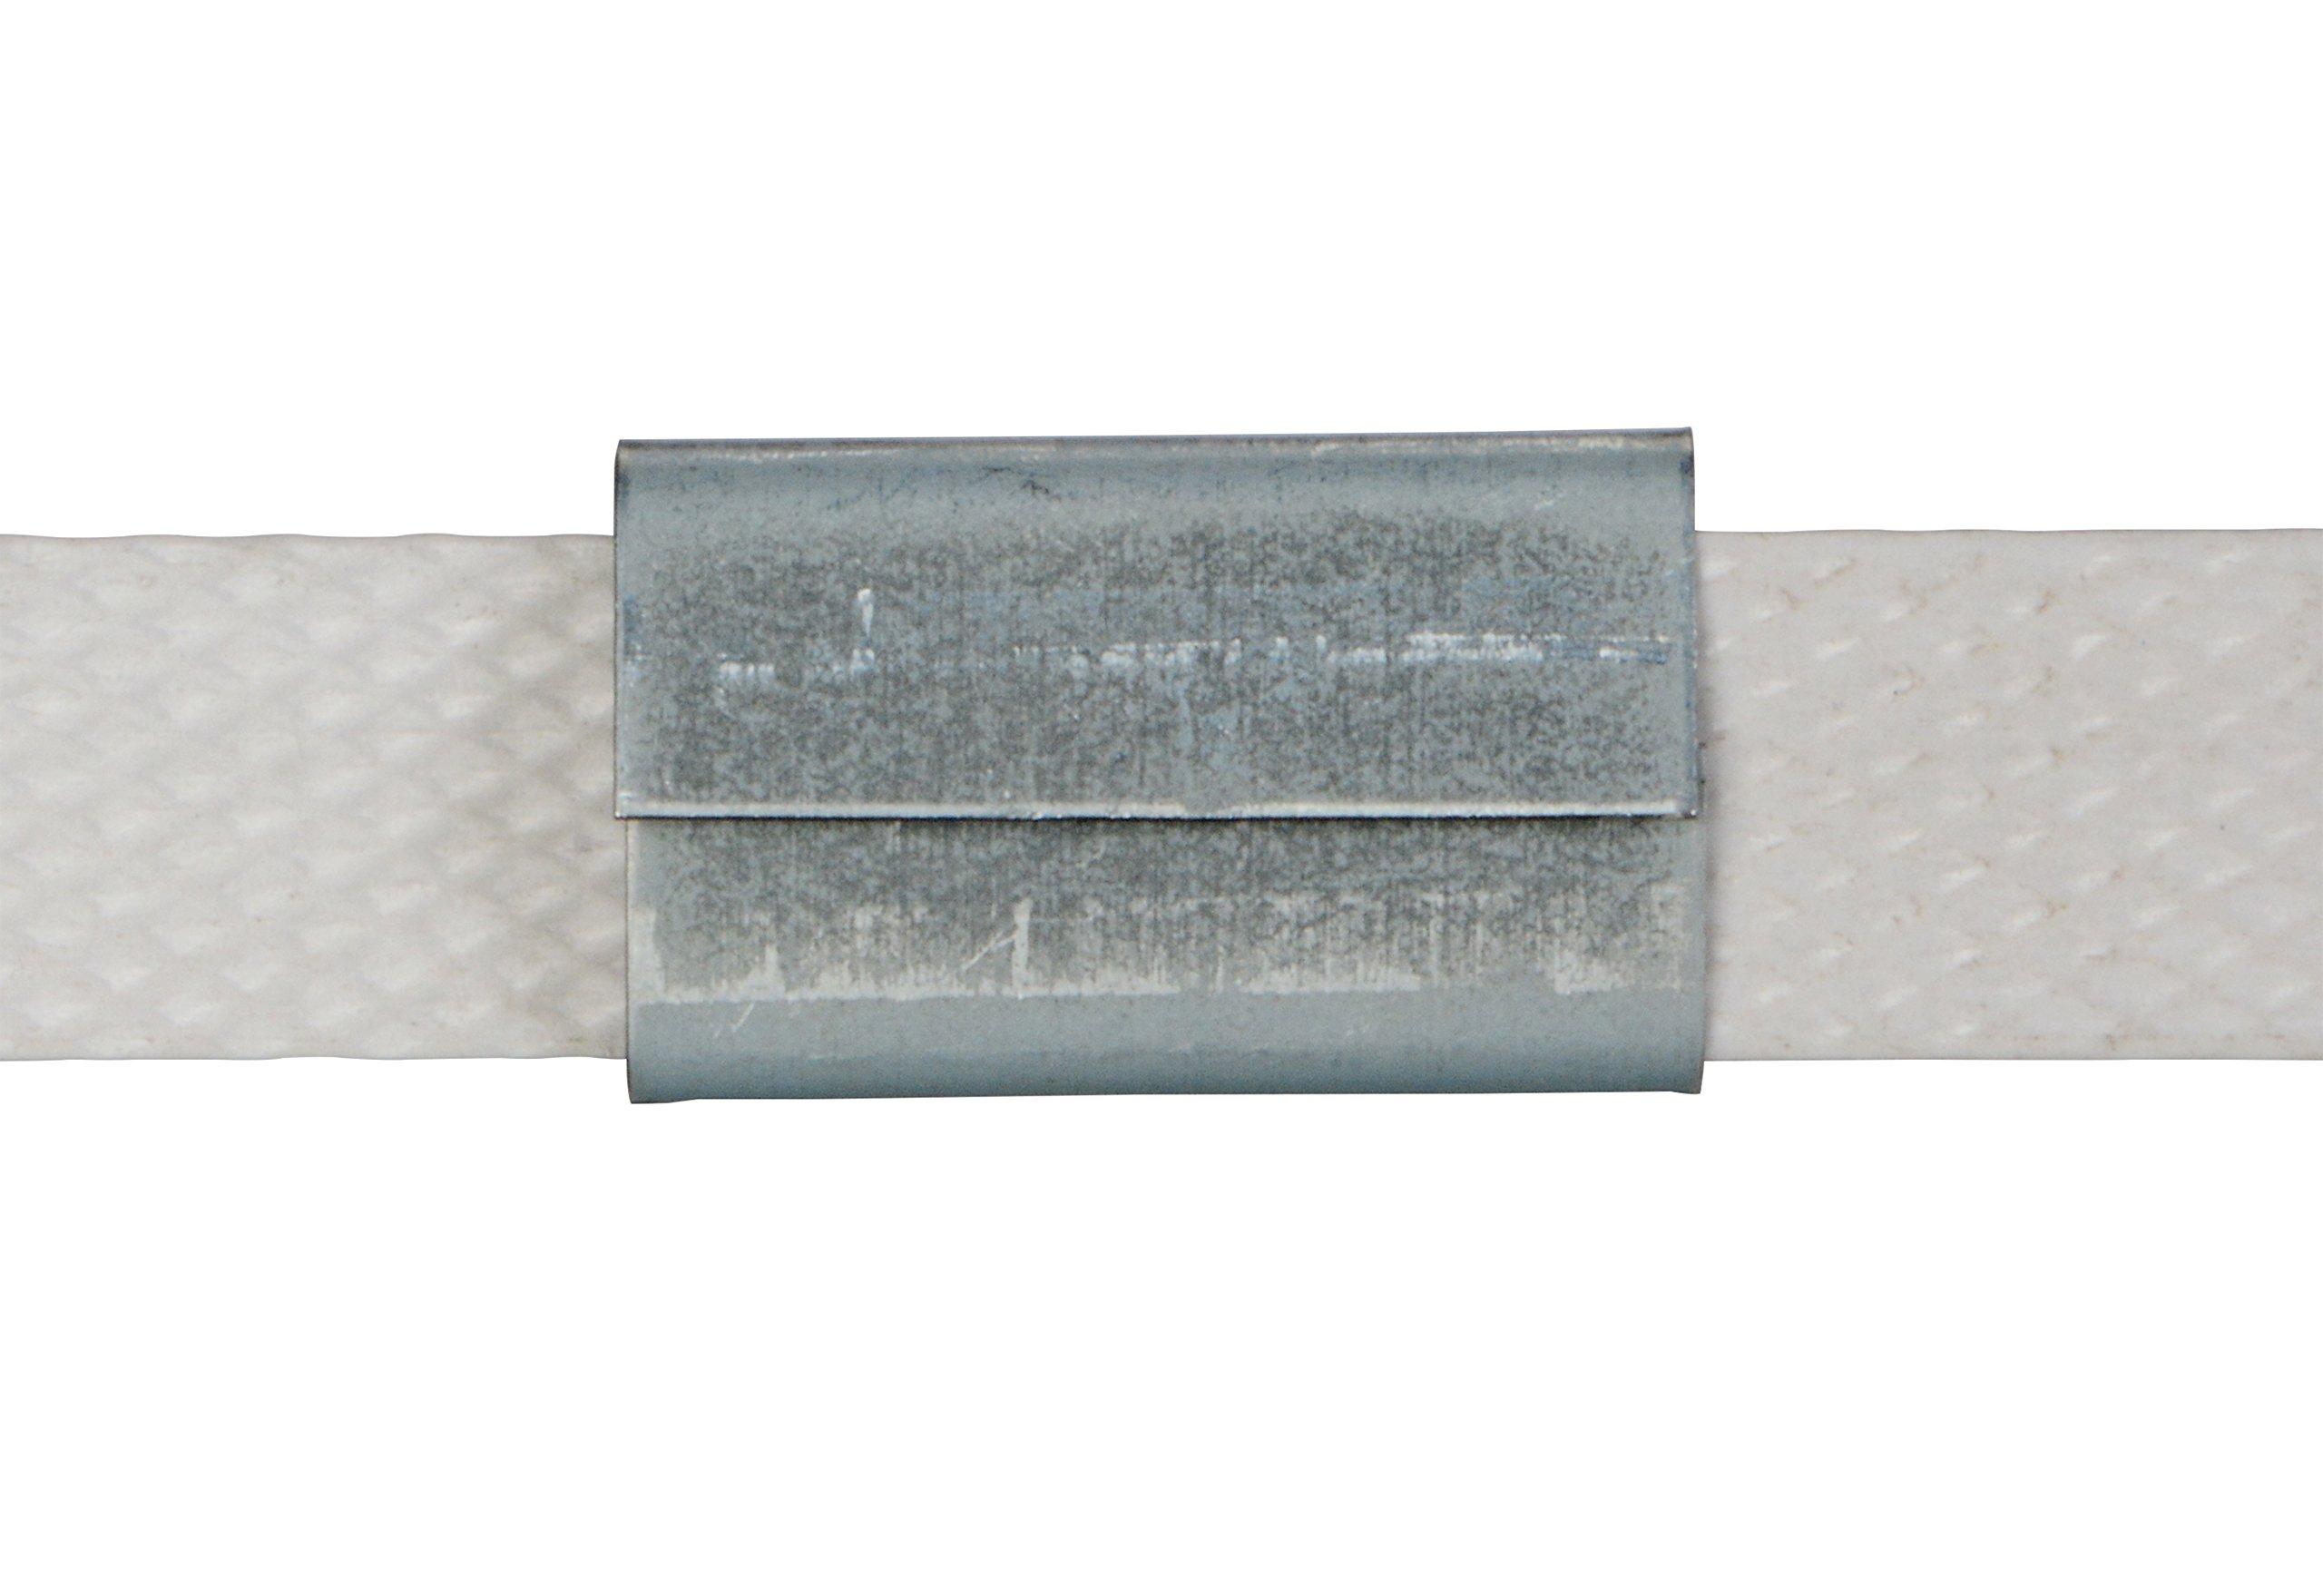 Vestil SSEAL-12 1/2'' Seal for Steel Strapping, Pack of 1000 by Vestil